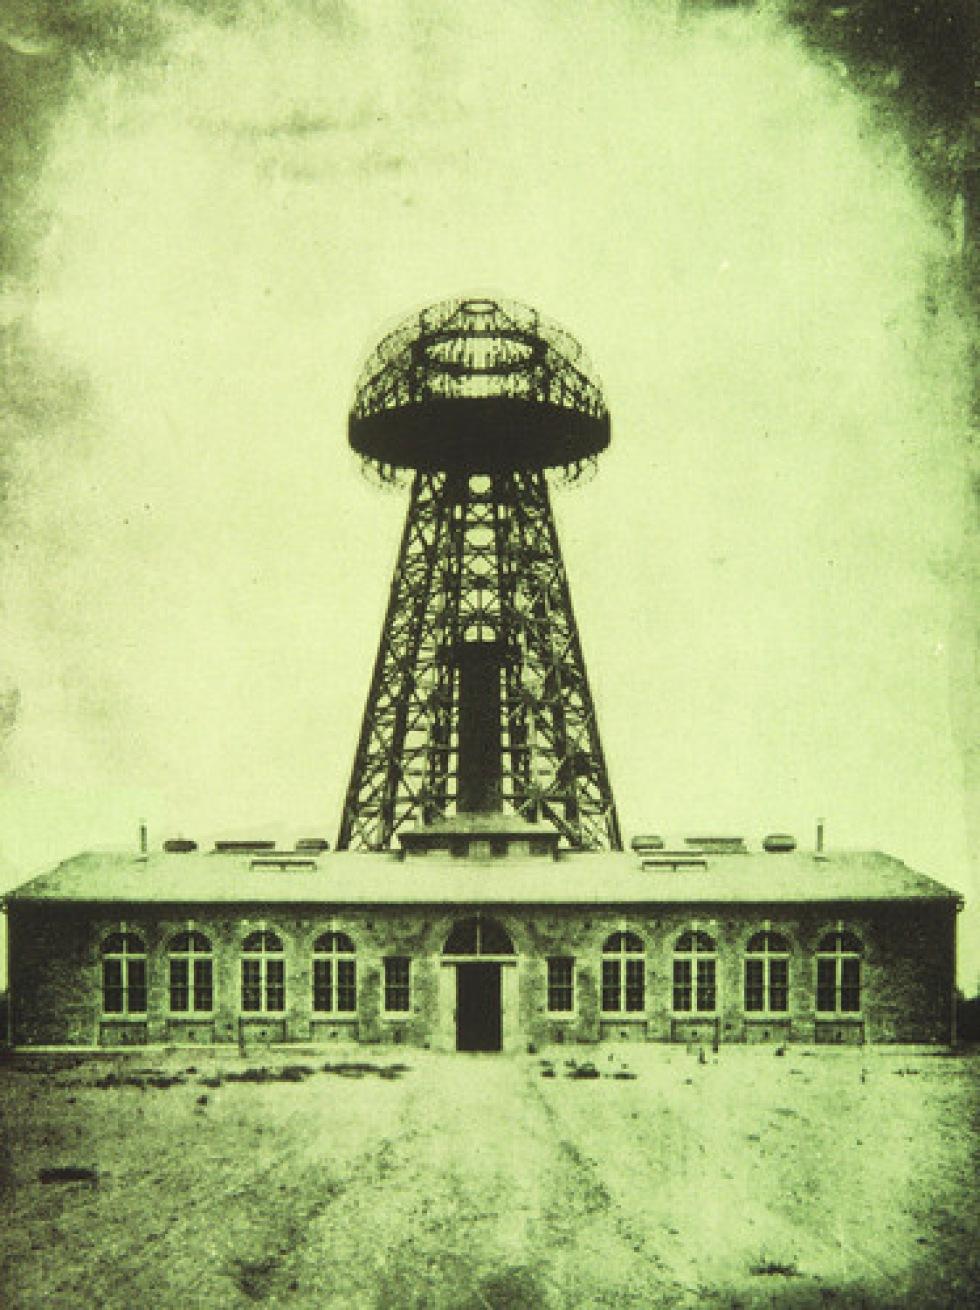 Mark för ett Tesla-museum nu inköpt